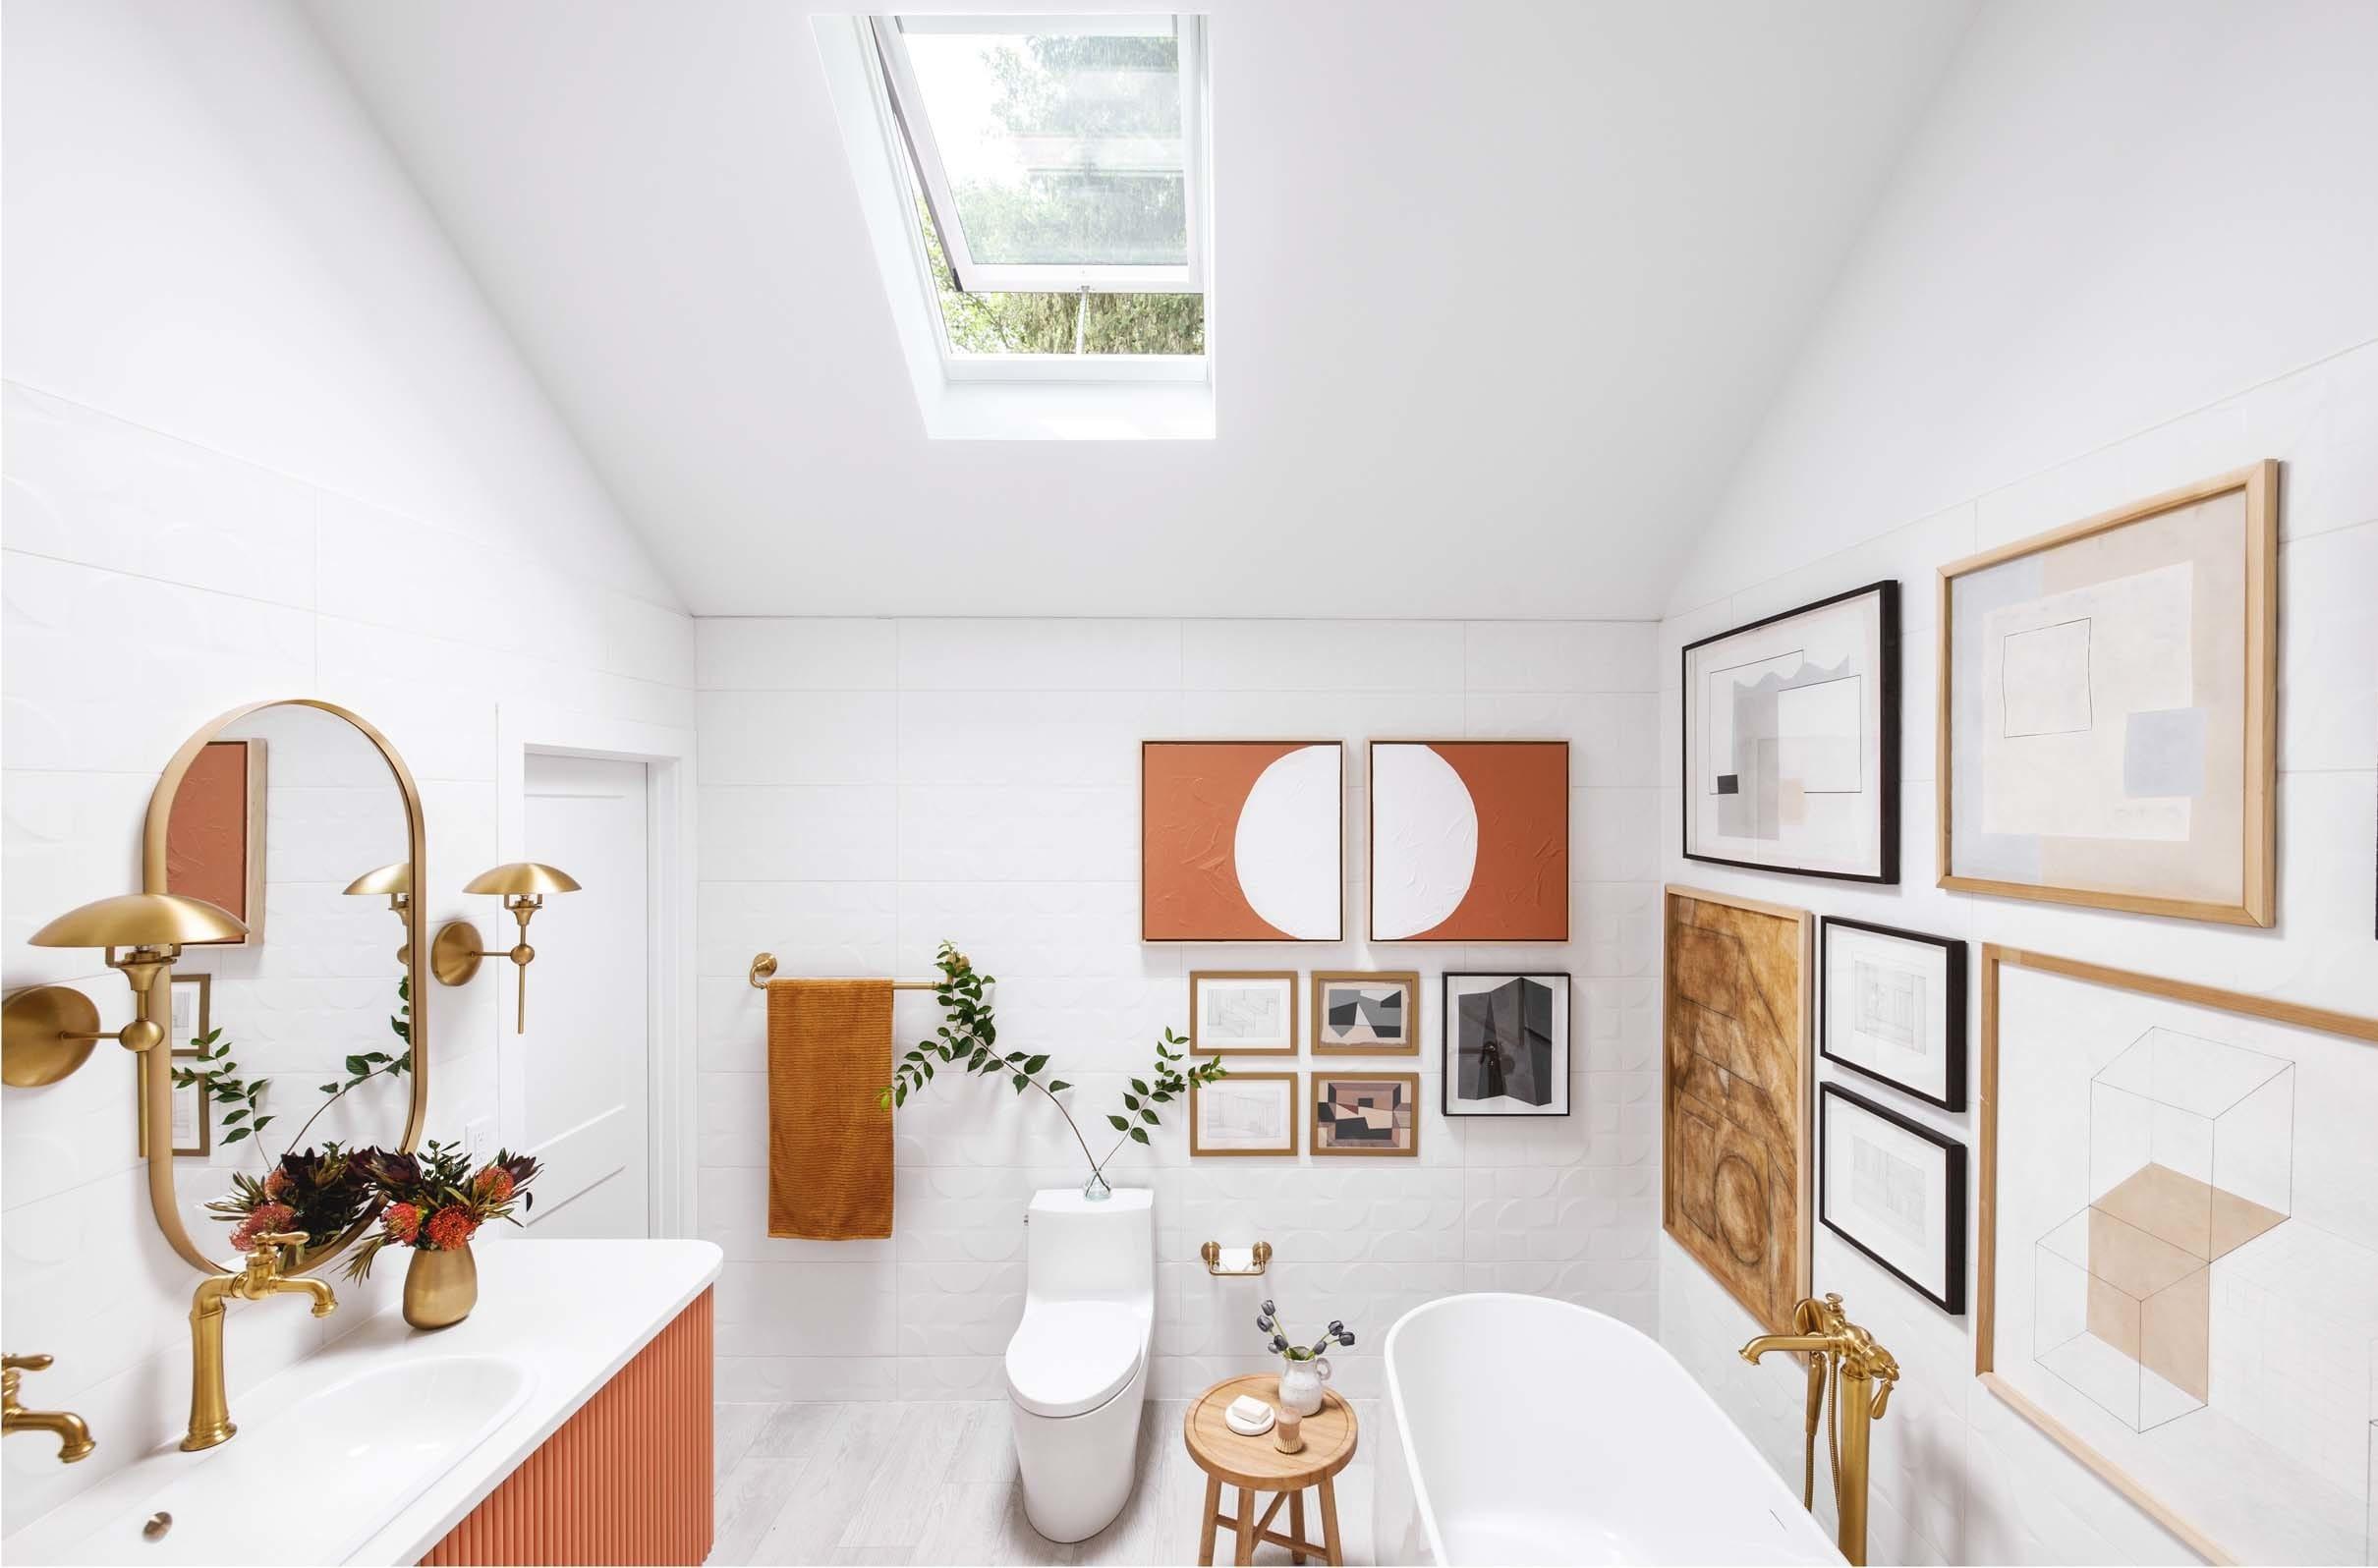 Bathroom skylight white terracotta